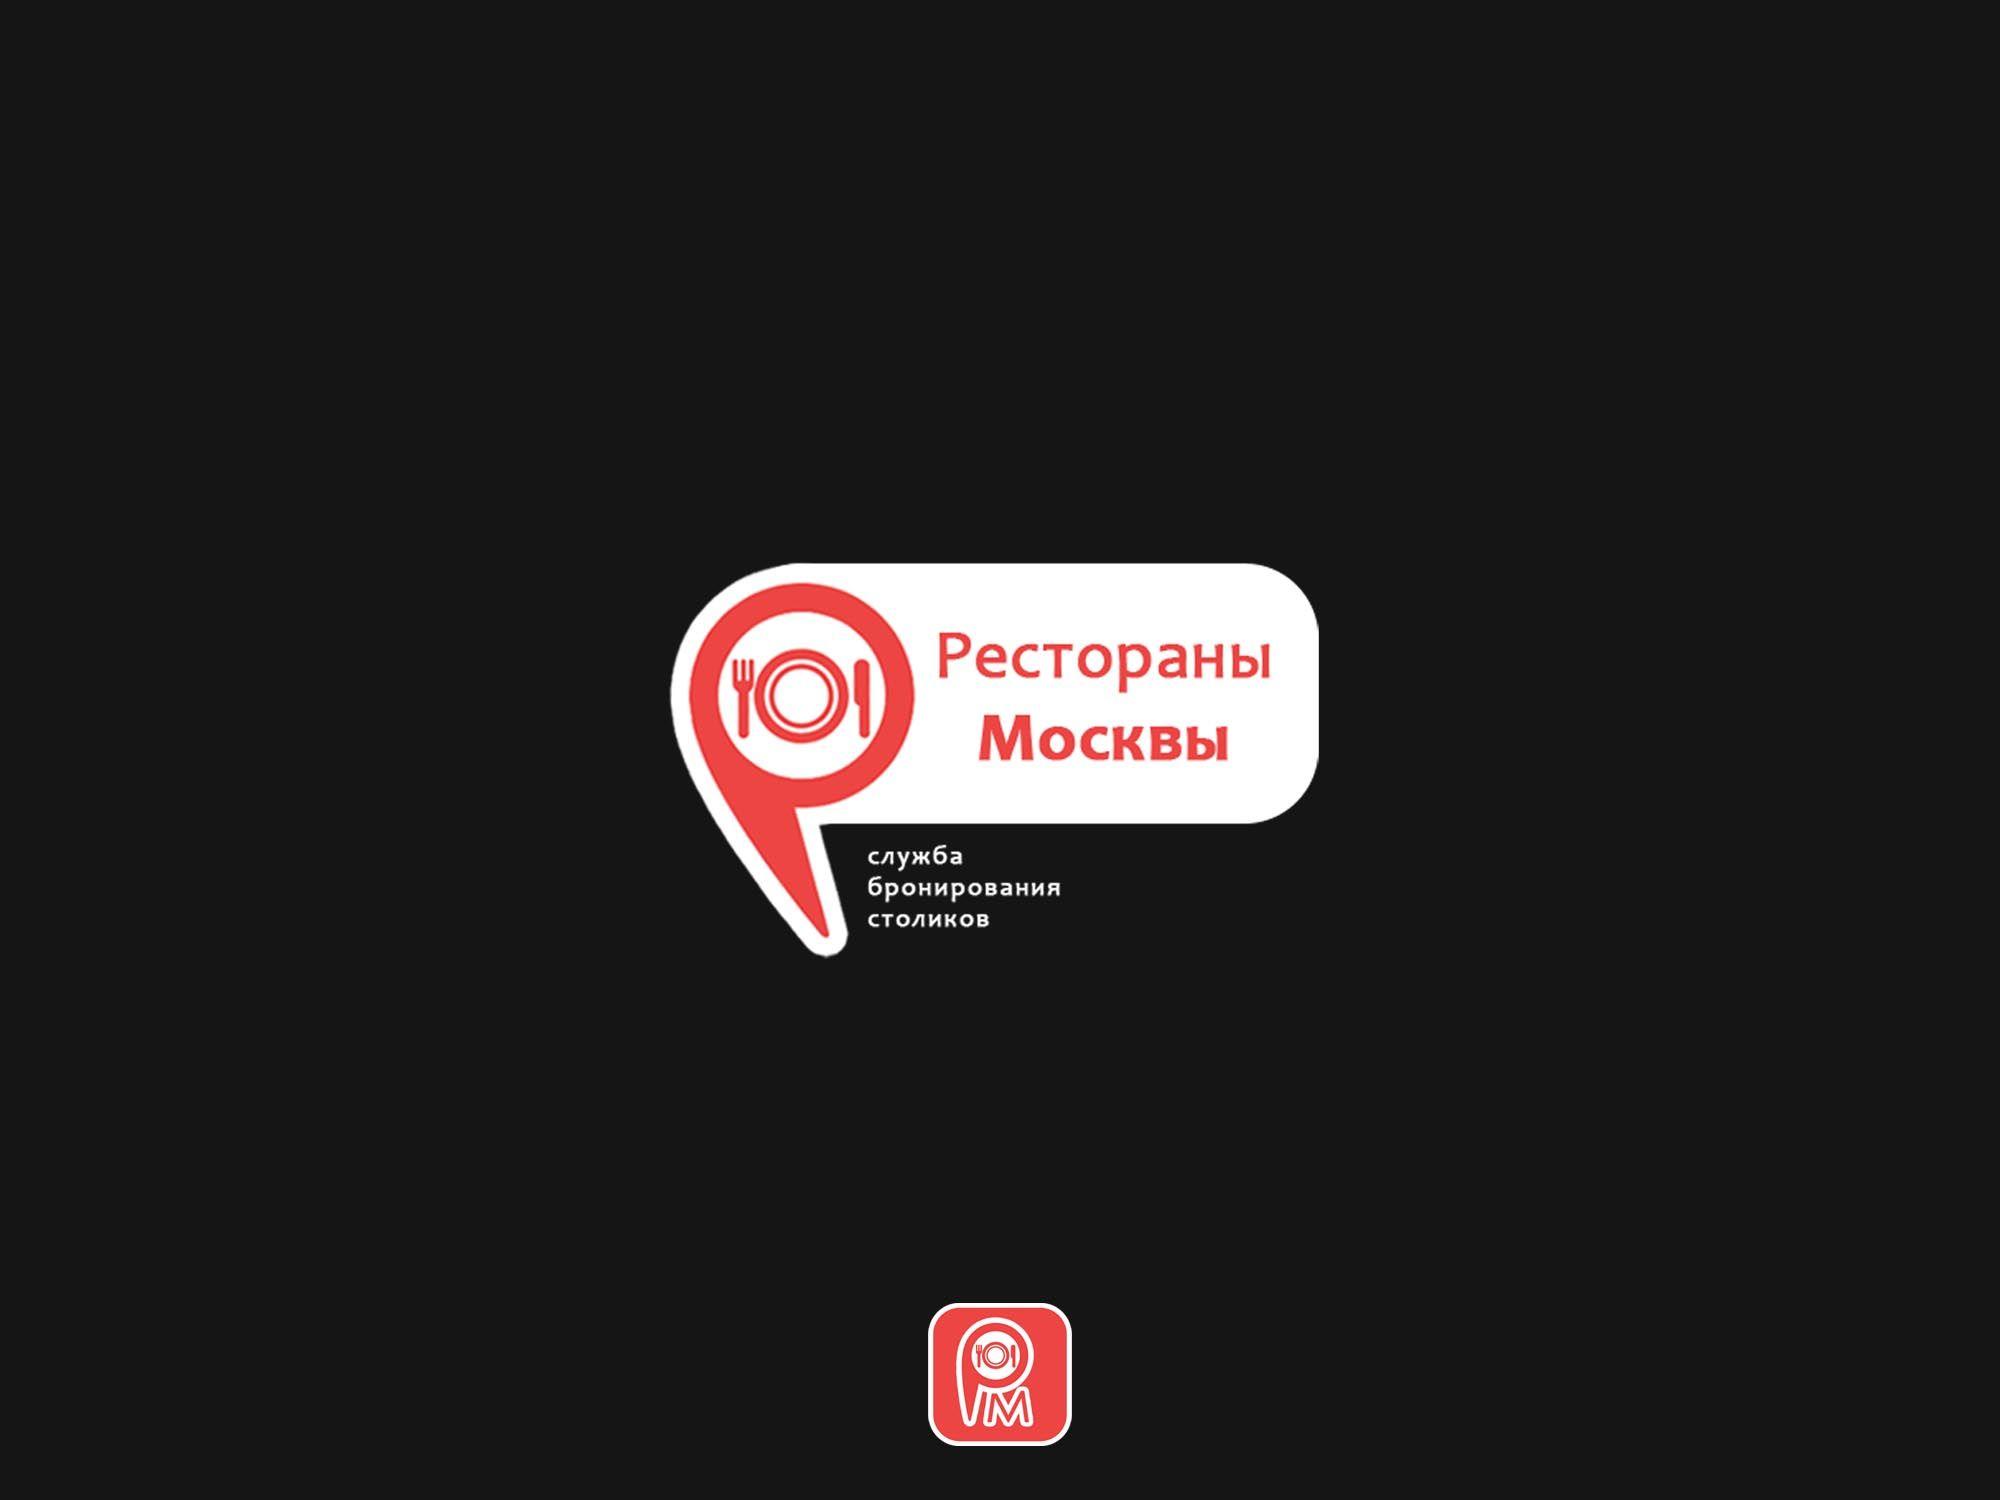 Логотип для Рестораны Москвы - дизайнер in_creating